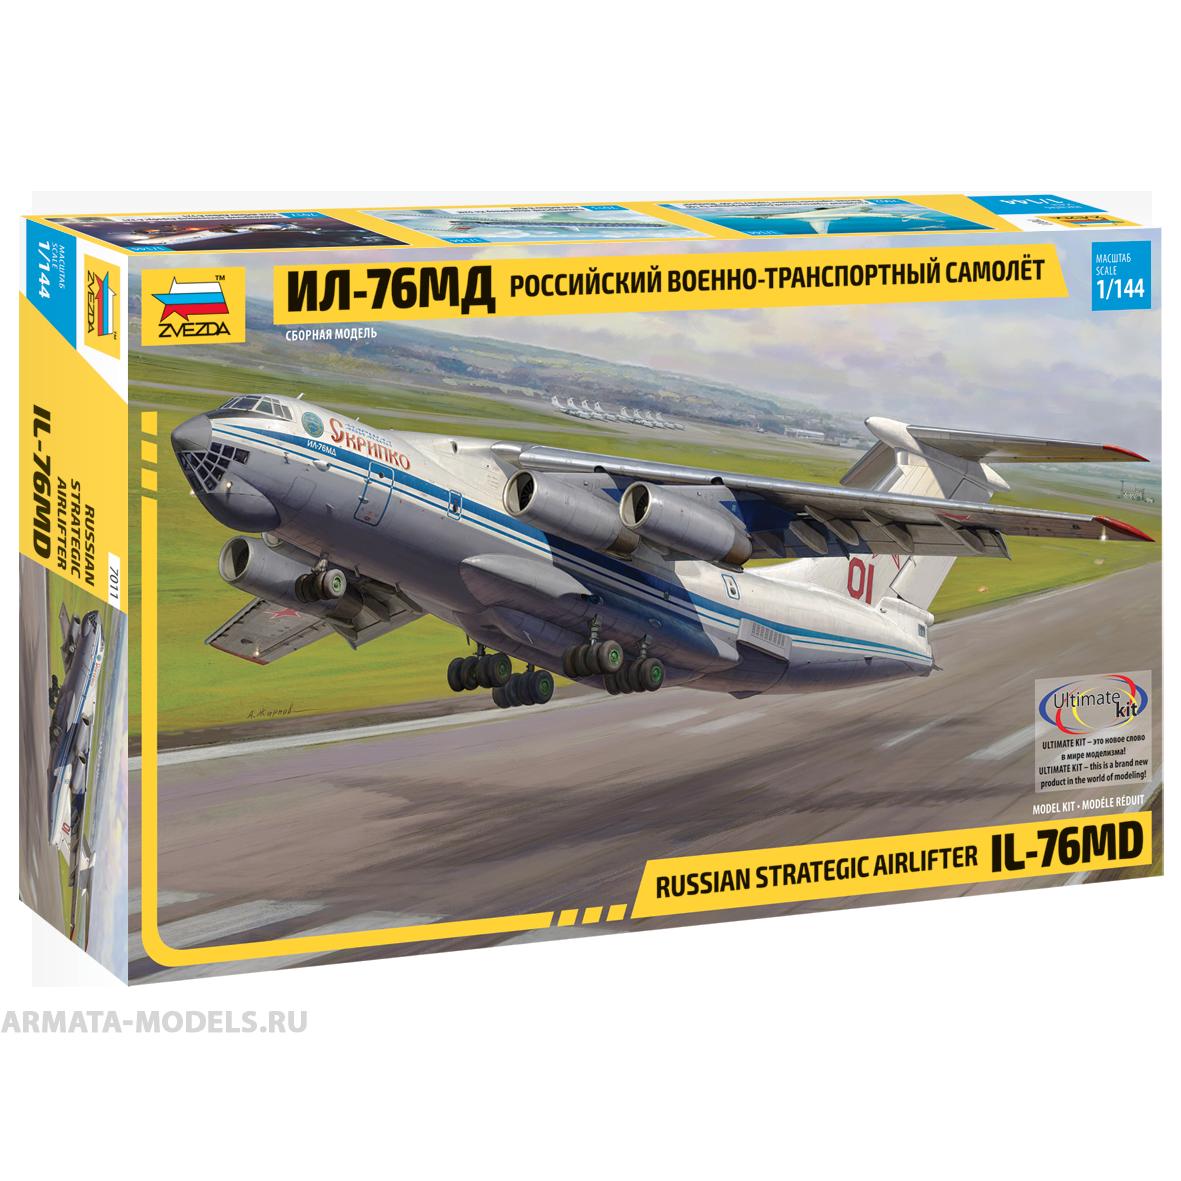 Купить Сборная модель – Российский военно-транспортный самолёт Ил-76МД, ZVEZDA